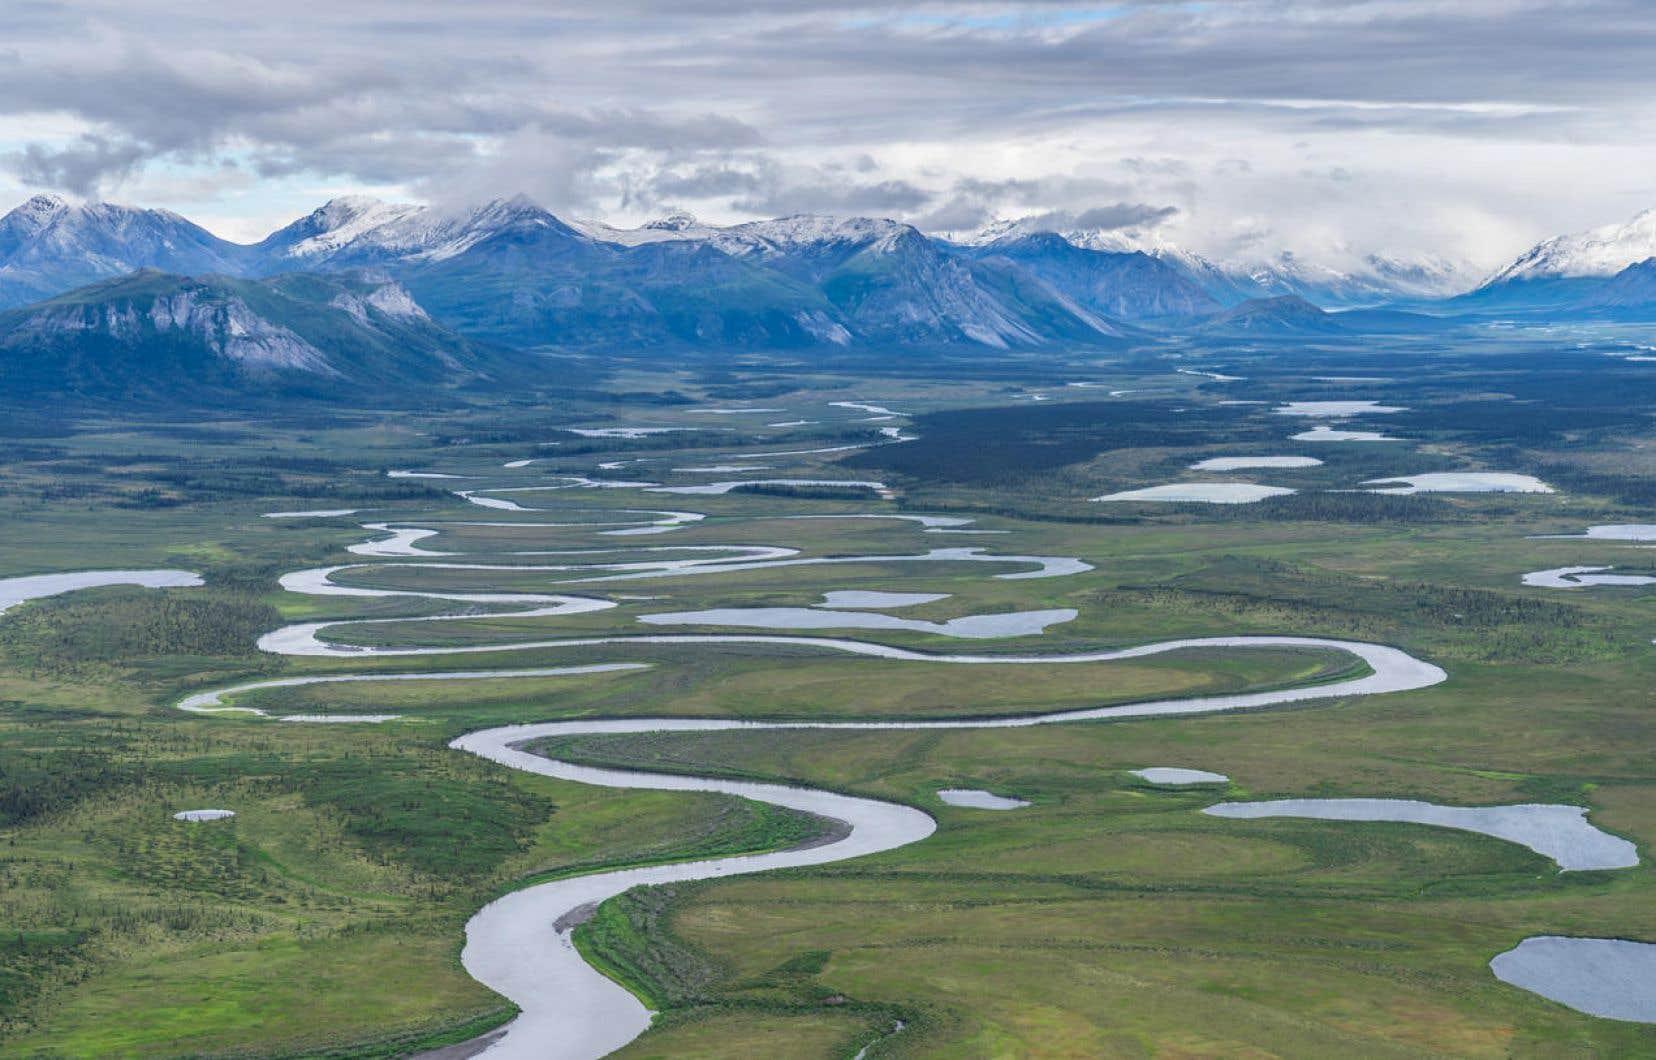 La réserve protégée depuis plus de 40ans abrite plusieurs espèces menacées par les bouleversements climatiques.